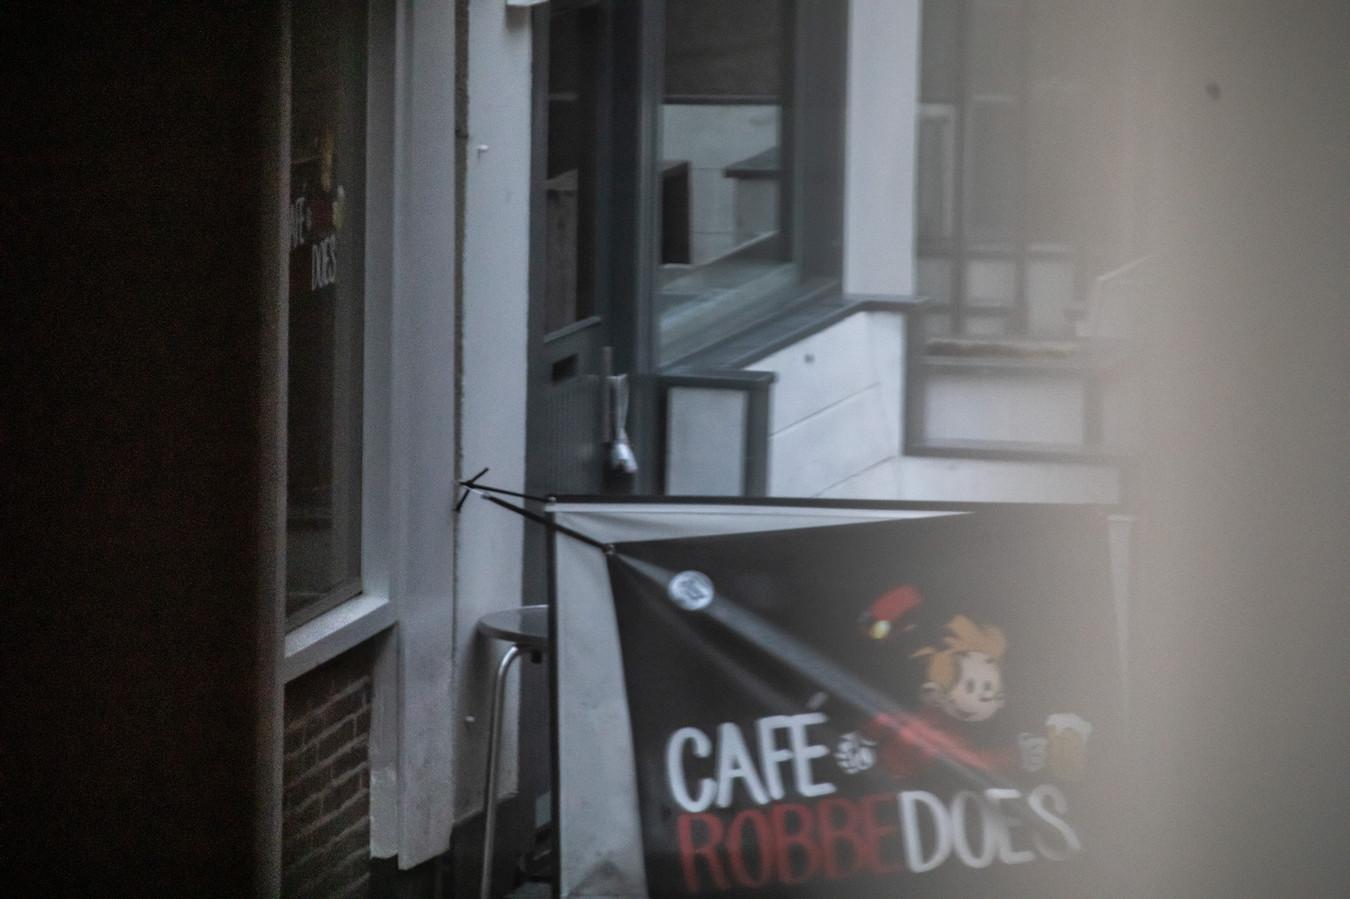 De handgranaat die eerder deze week aan de deur van een kroeg in Zwolle was gehangen.